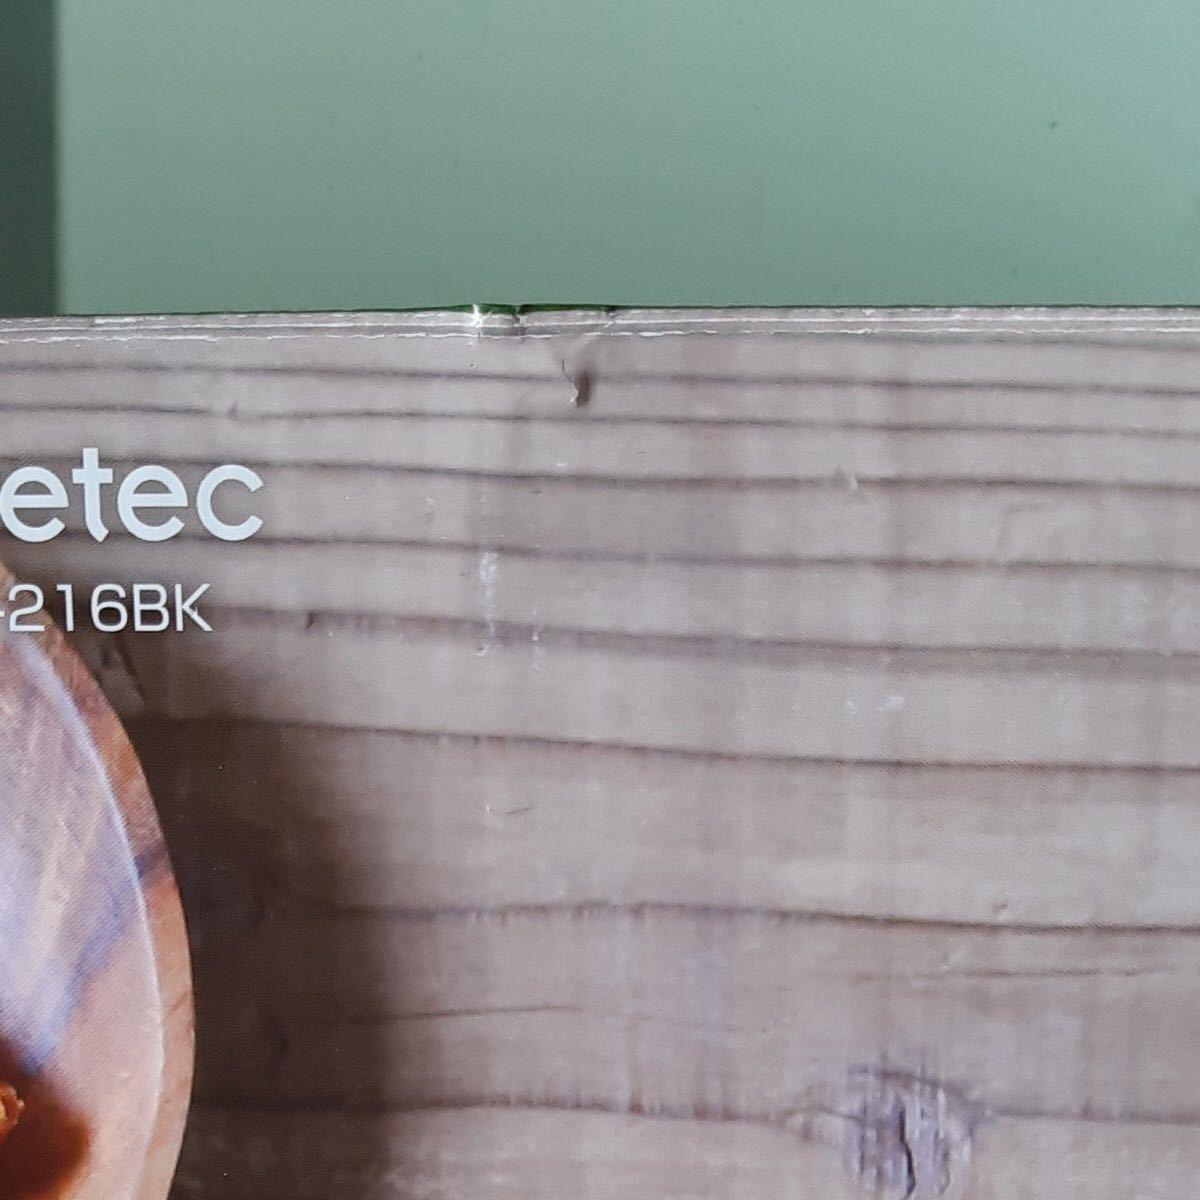 期間限定お値下げ 未使用 ドリテック IHクッカーピコ DI-216BK IH調理器  dretec ihクッキングヒータ 小さめ